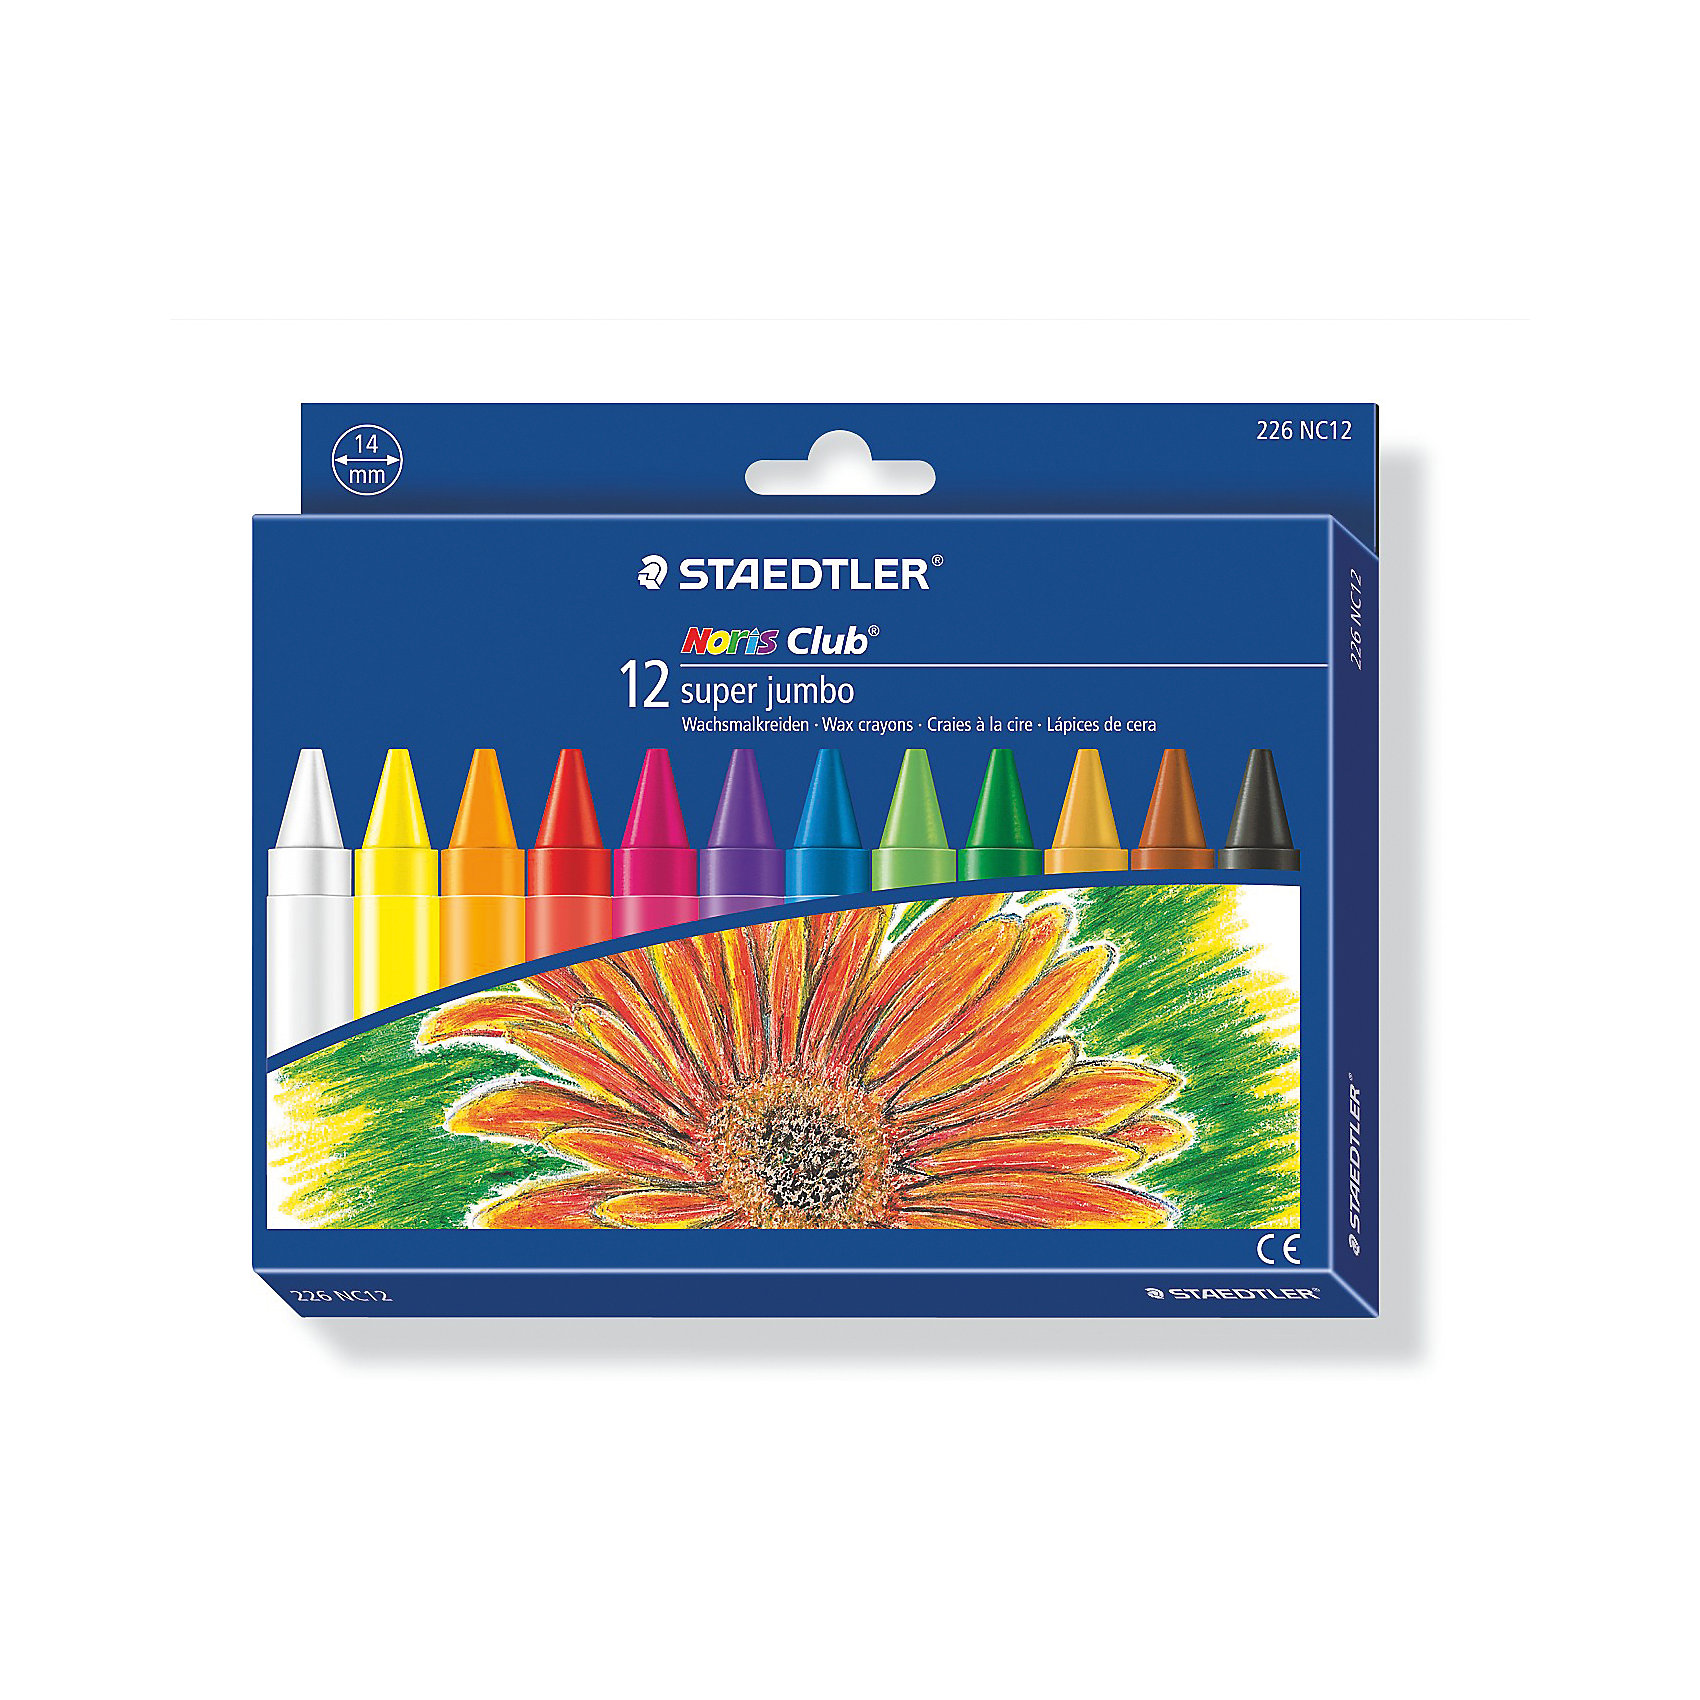 Мелок восковой Noris Club  Super Jumbo, 12 цветов, StaedtlerМасляные и восковые мелки<br>Мелок восковой Noris Club  Super Jumbo, 12 цветов, Staedtler (Штедлер).<br><br>Характеристики:<br><br>• Для детей в возрасте: от 3 лет<br>• В наборе: 12 ярких разноцветных  мелков<br>• Диаметр: 14 мм.<br>• Держатель: бумажная манжетка с полем для имени<br>• Упаковка: картонная коробка с европодвесом<br>• Размер упаковки: 143х177х15 мм.<br>• Вес: 230 гр.<br><br>Набор восковых мелков Noris Club Super Jumbo непременно, понравится вашему юному художнику. В наборе 12 ярких мелков. Мелки разработаны специально для маленьких детей. Изготовлены с использованием натурального пчелиного воска. Идеальны для раскрашивания больших поверхностей. Высокая устойчивость к поломке. Бумажная манжетка позволяет удобно держать мелок и не пачкать руки.<br><br>Мелок восковой Noris Club  Super Jumbo, 12 цветов, Staedtler (Штедлер) можно купить в нашем интернет-магазине.<br><br>Ширина мм: 147<br>Глубина мм: 181<br>Высота мм: 160<br>Вес г: 252<br>Возраст от месяцев: 36<br>Возраст до месяцев: 2147483647<br>Пол: Унисекс<br>Возраст: Детский<br>SKU: 5529989